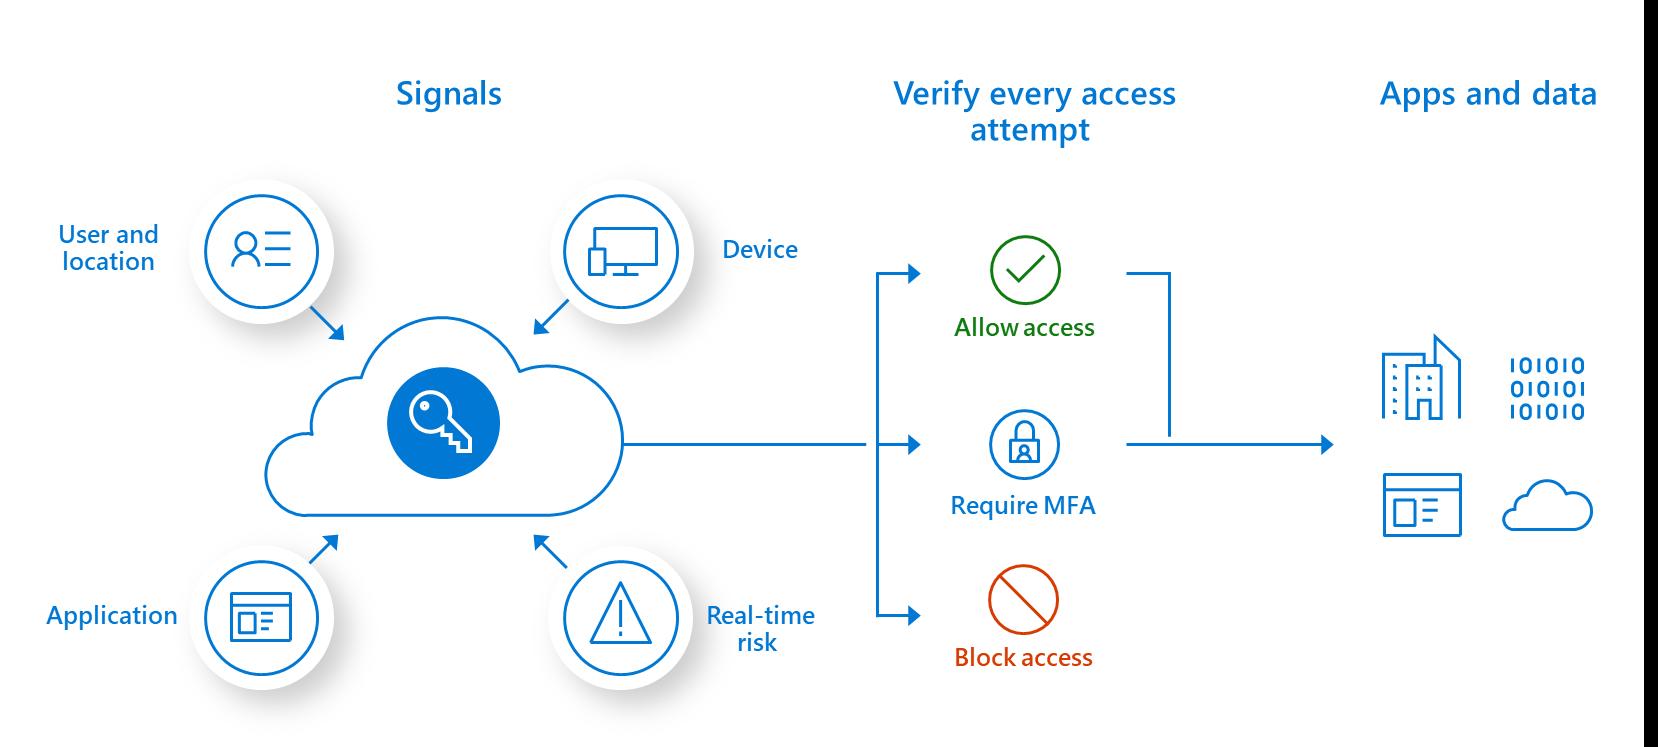 Infográfico que descreve o acesso condicional. Sinais (localização do usuário, dispositivo, risco em tempo real, aplicativo), Verificar todas as tentativas de acesso (permitir acesso, exigir MFA ou bloquear acesso) e Aplicativos e dados.